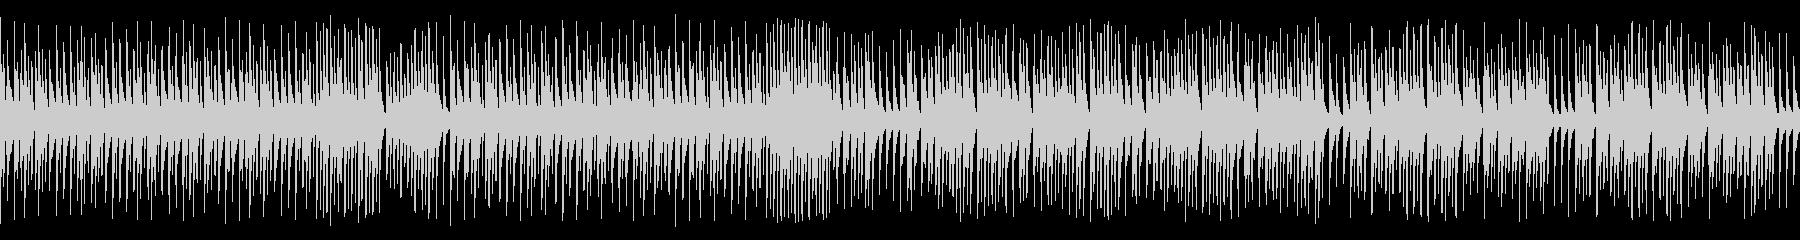 木琴でハッピー高速オールドジャズ(ループの未再生の波形